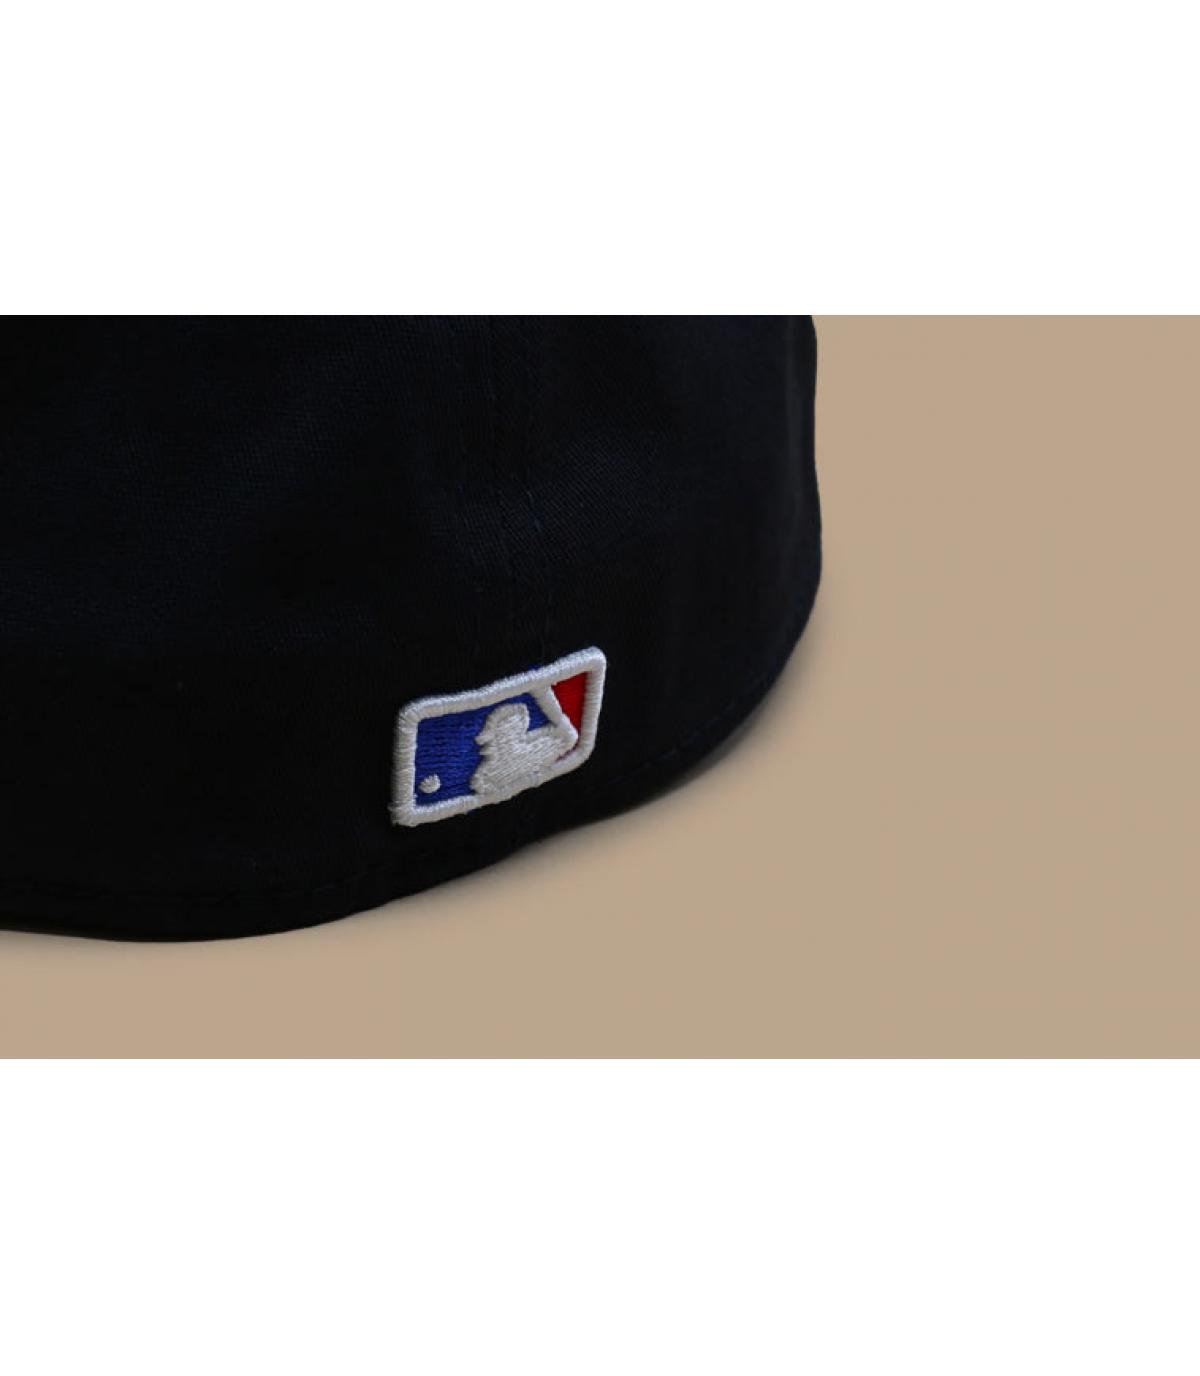 Détails Casquette League Ess 3930 Boston - image 5